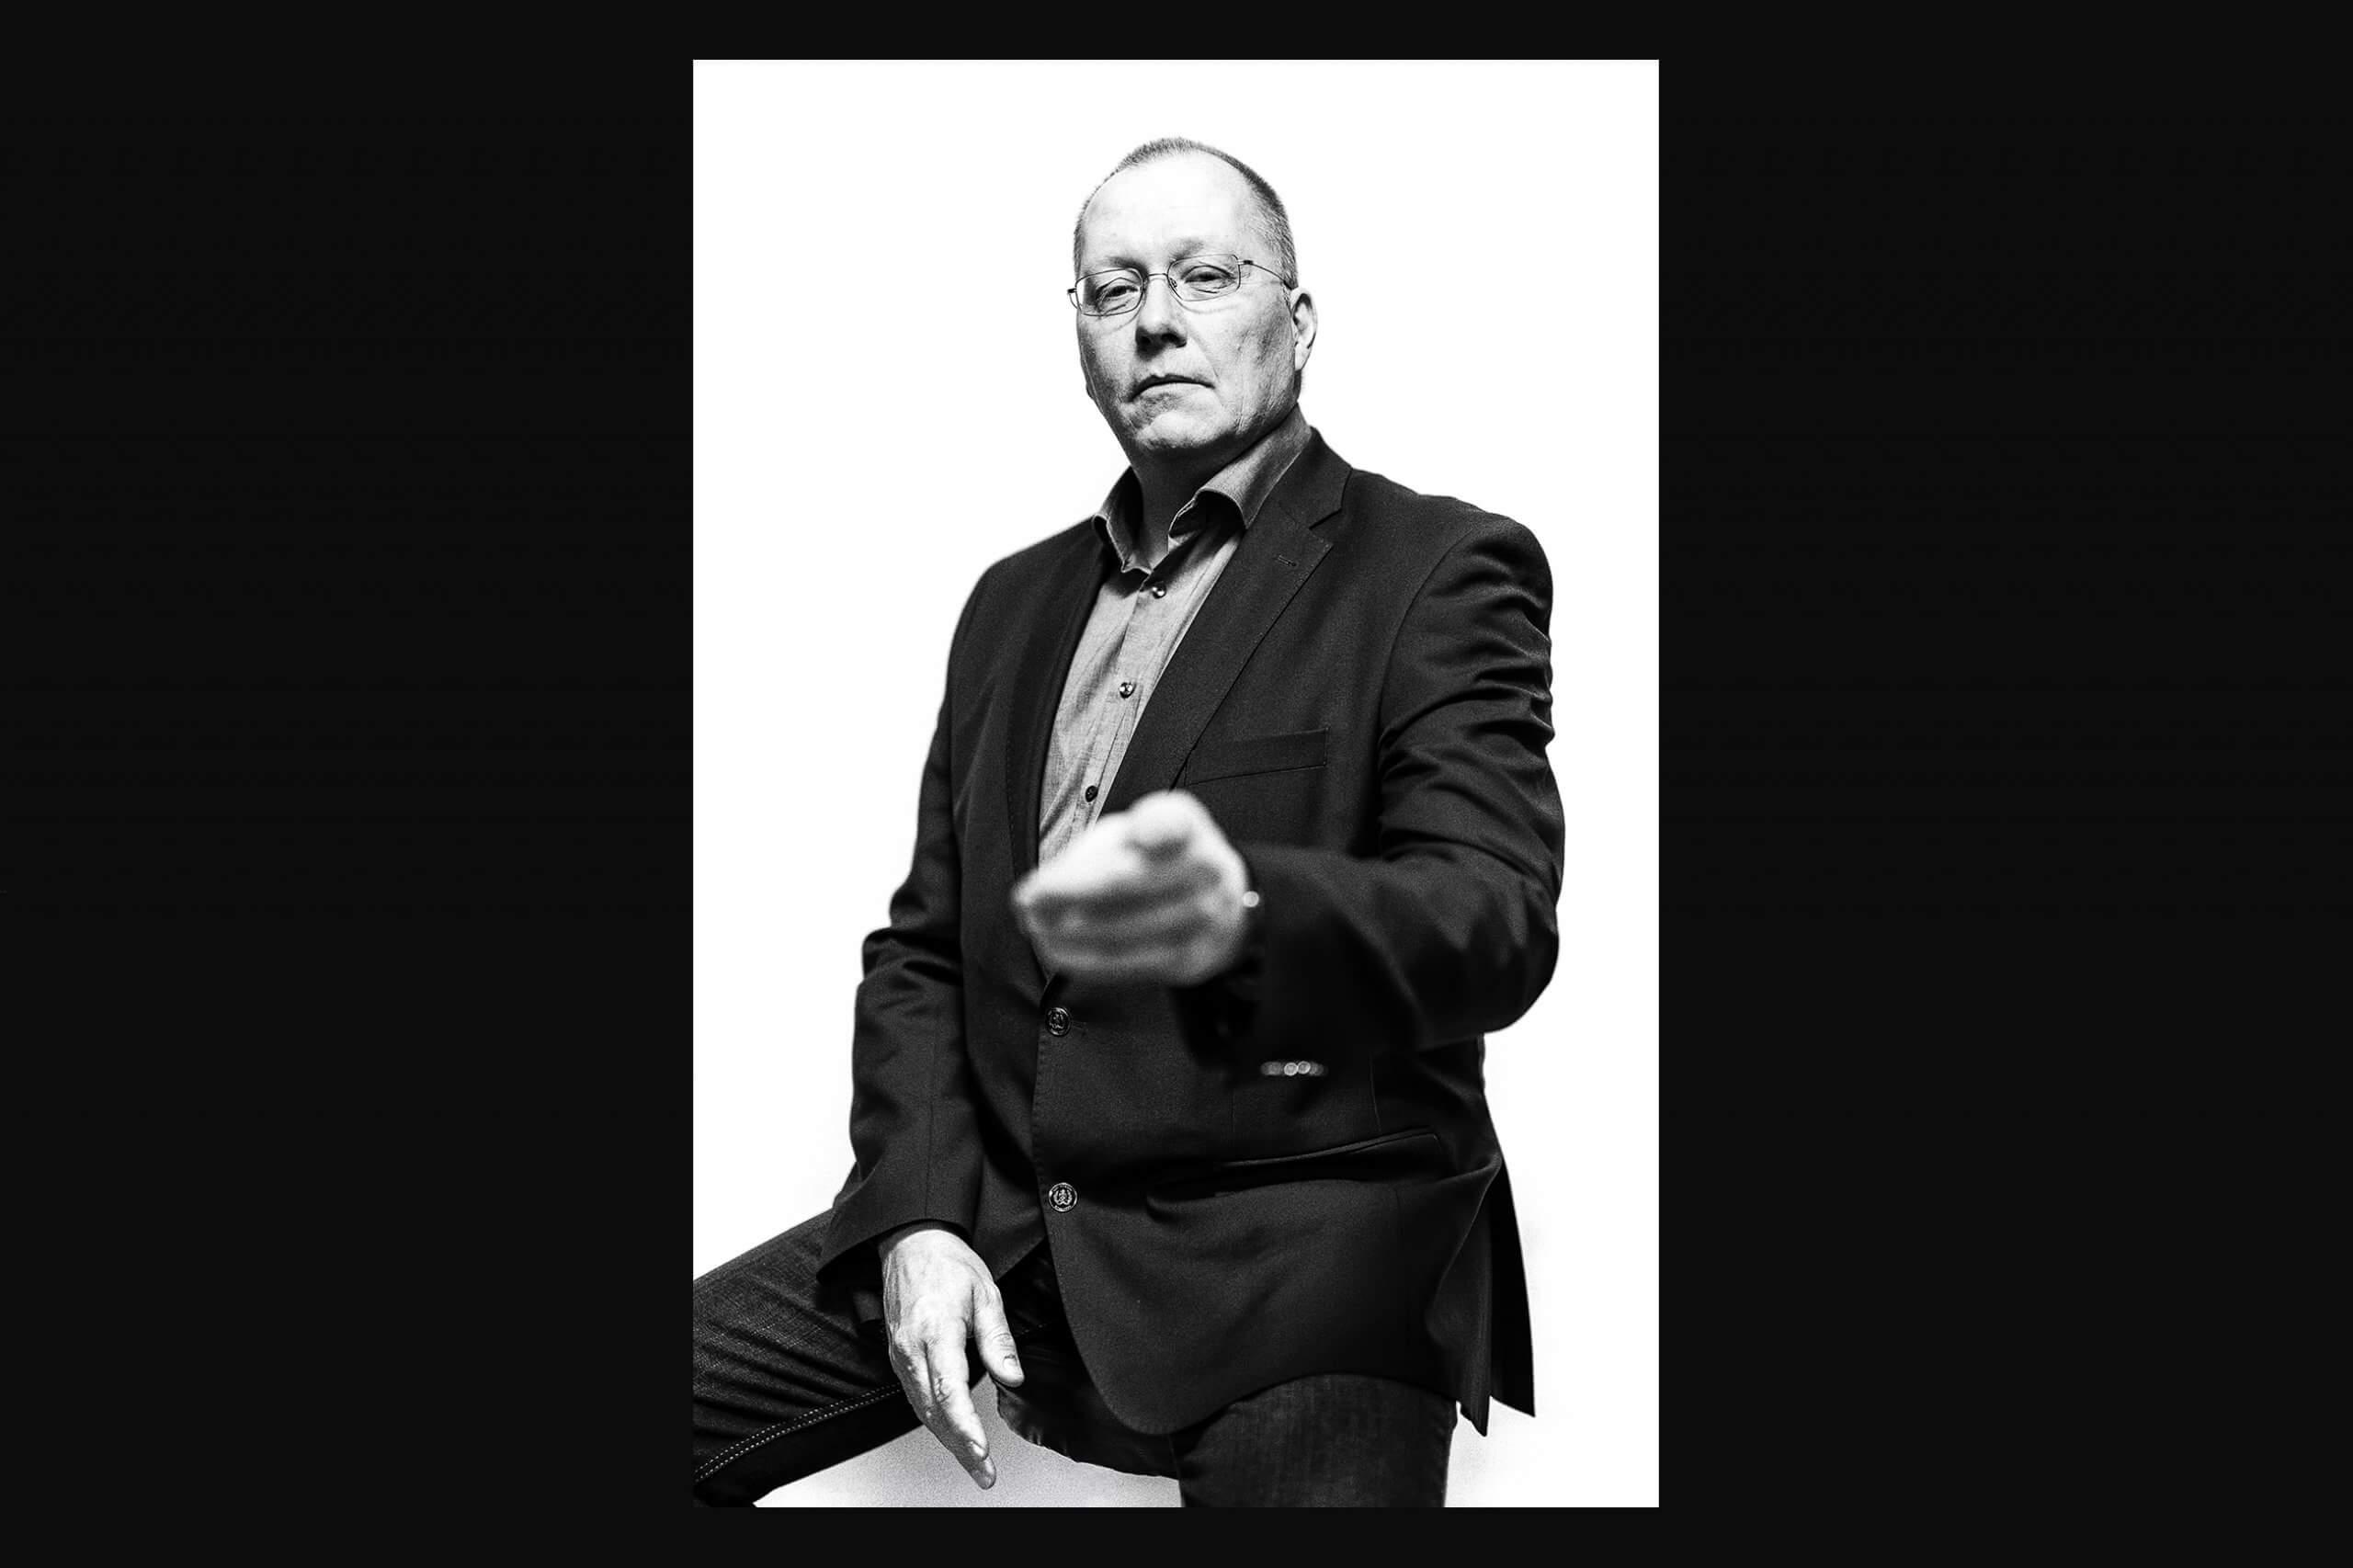 Gutes Portraitfoto in schwarzweiß